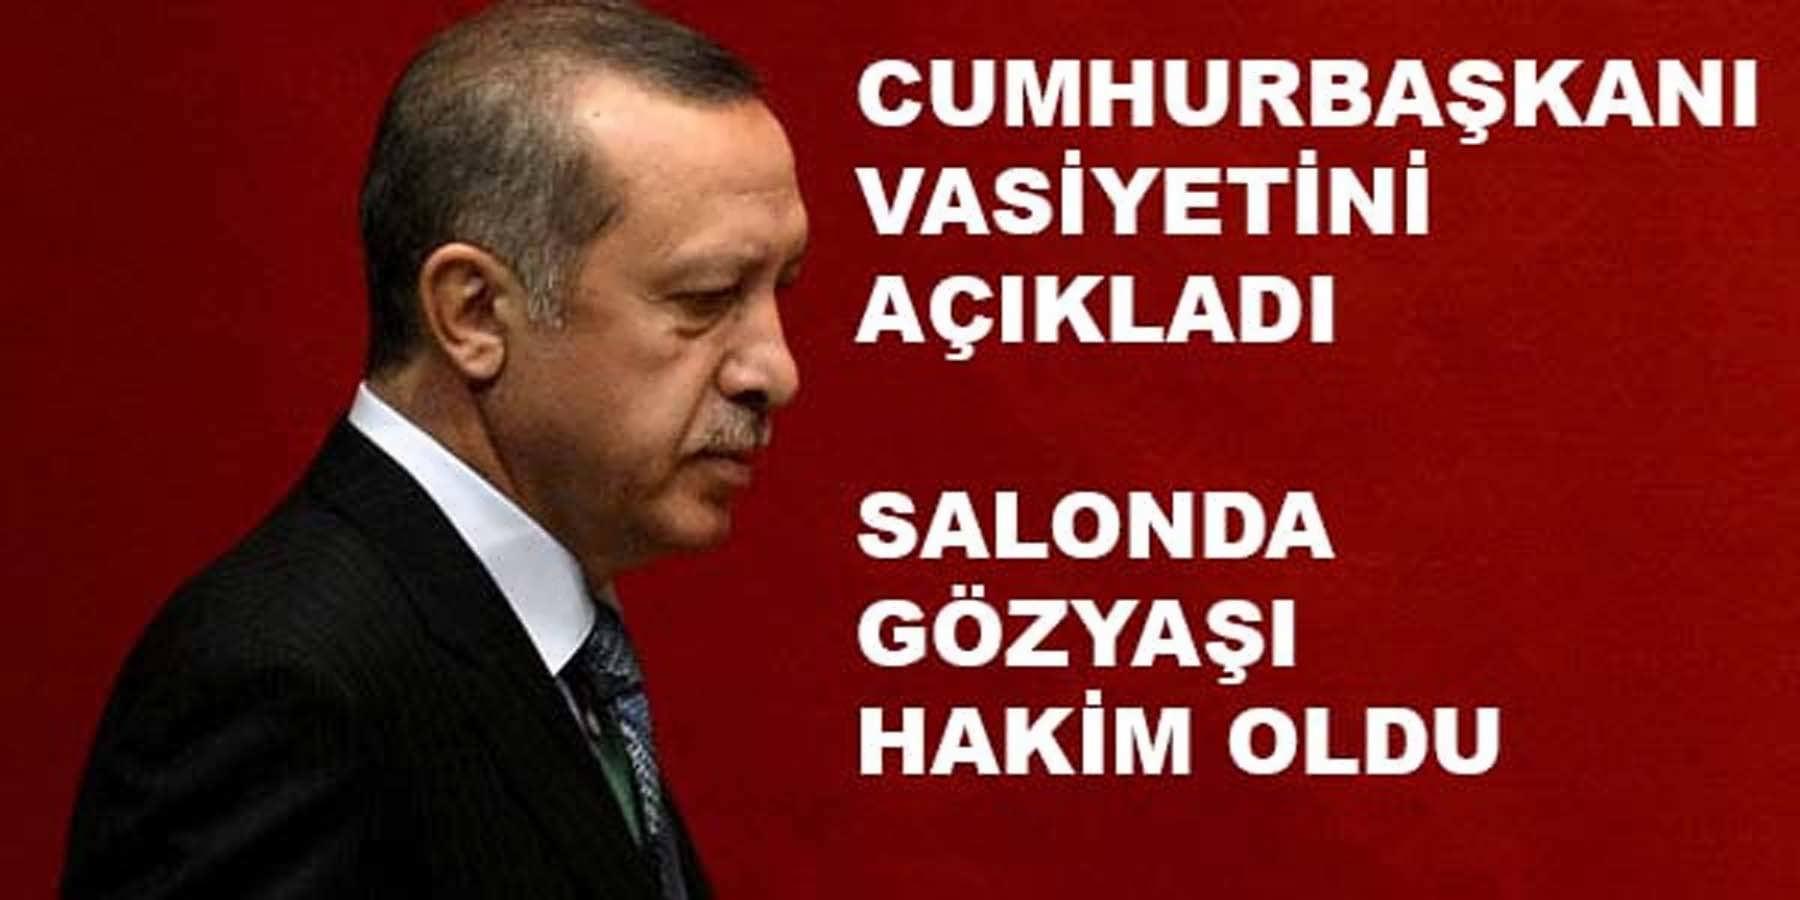 Erdoğan Eşine ve Çocuklarına Vasiyetini Açıkladı